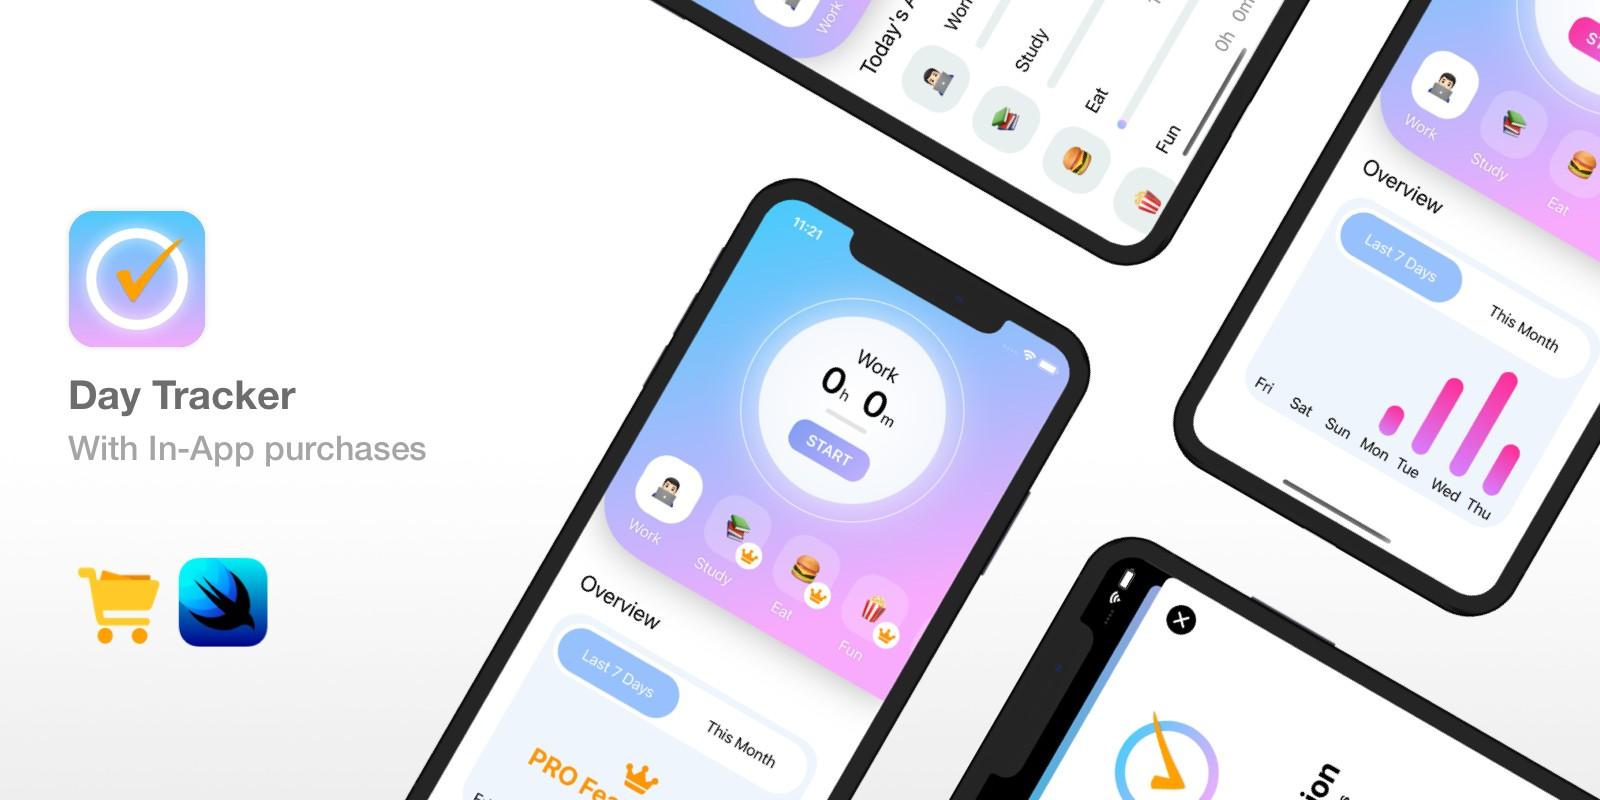 Day Tracker - iOS 14 Activity Tracker